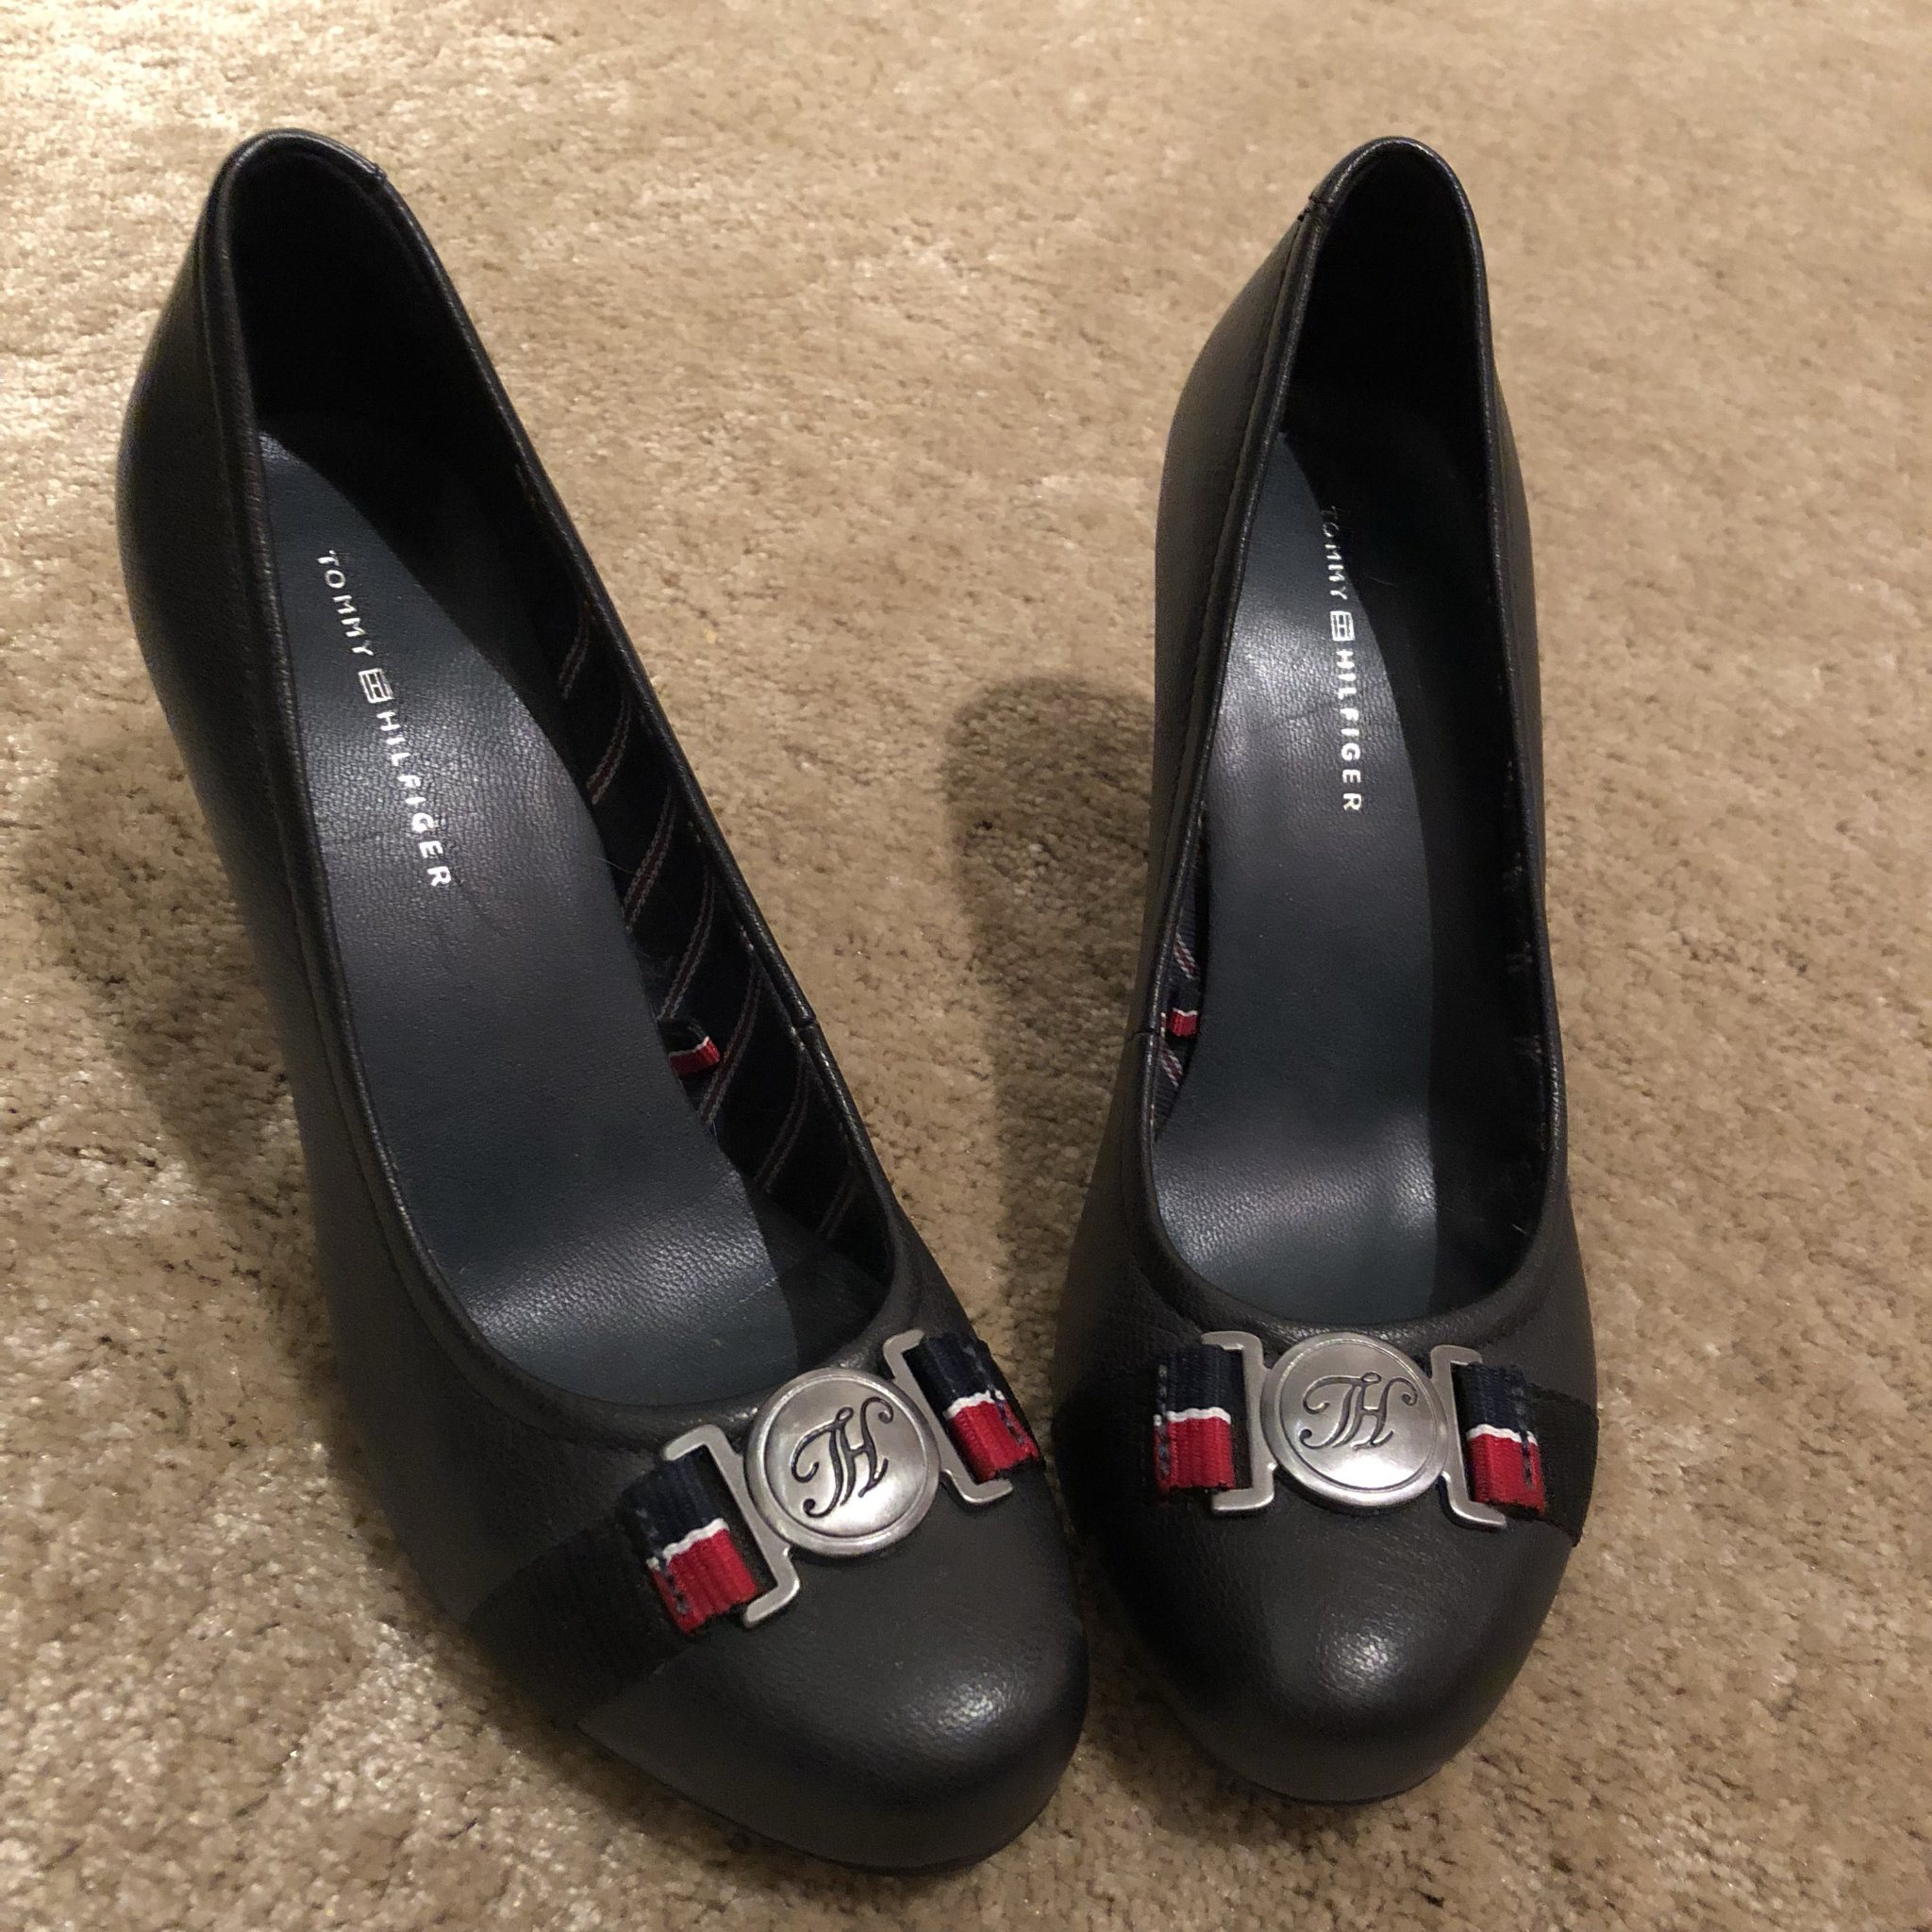 NY Tommy Hilfiger skor pumps högklackat svart m.. (340078488) ᐈ Köp ... b938e34182723